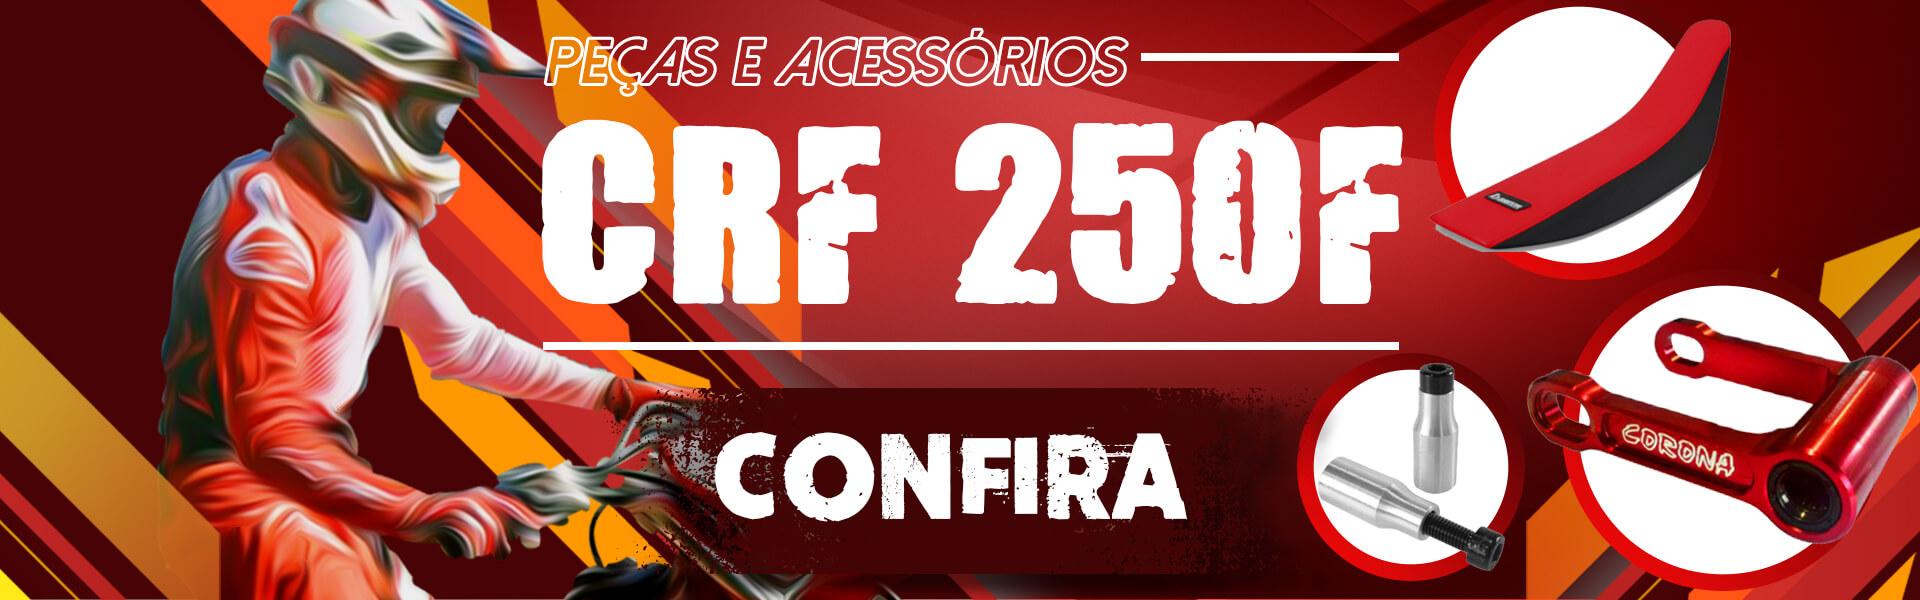 Peças e Acessórios CRF 250F